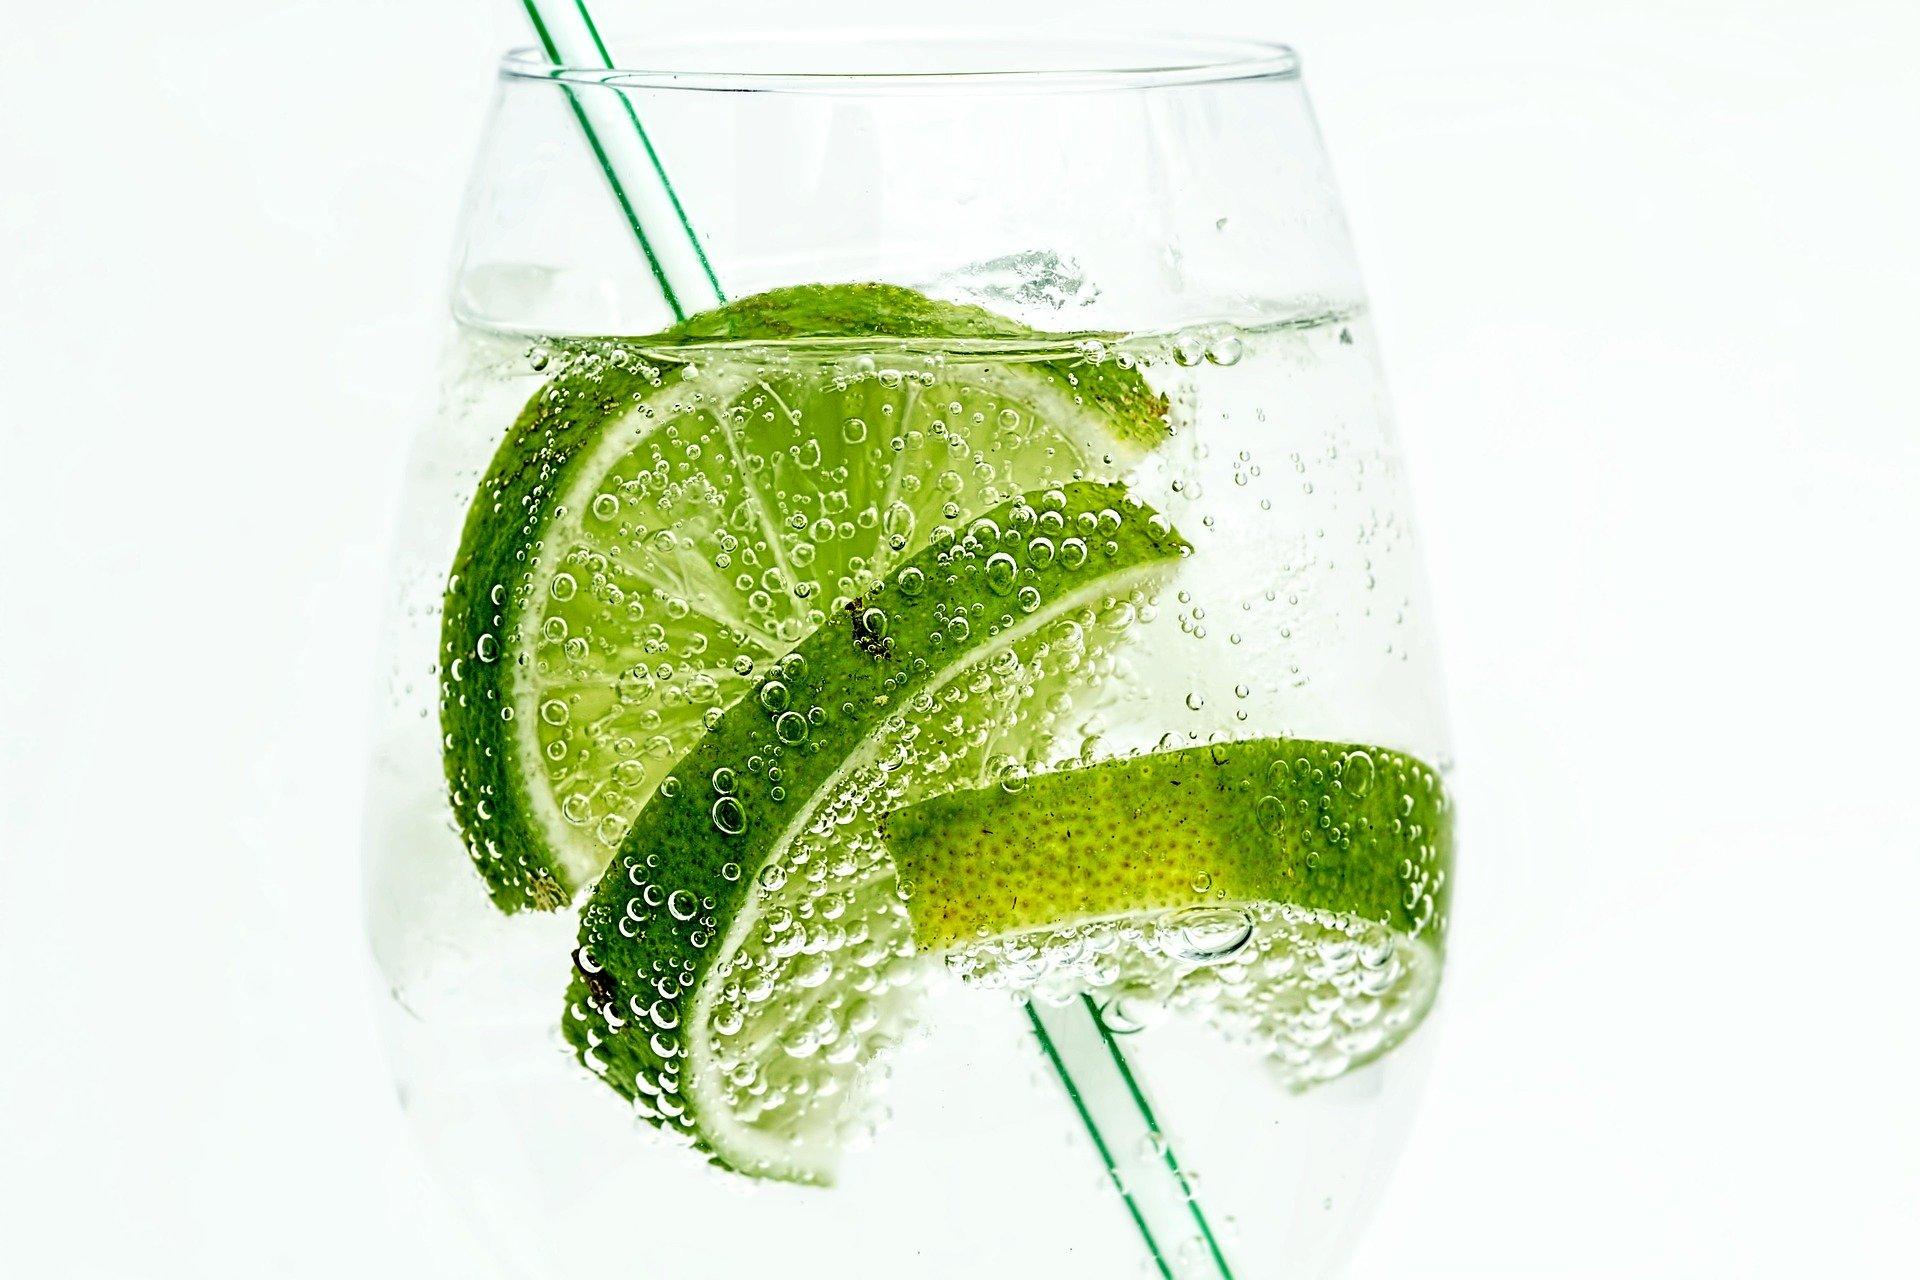 Imaxe alegórica sobre a sede e a frescura. Unha copa de auga carbonatada e rodas de lima en plena efervescencia. Imaxe cedida por Steve Buissinne dende Pixabay